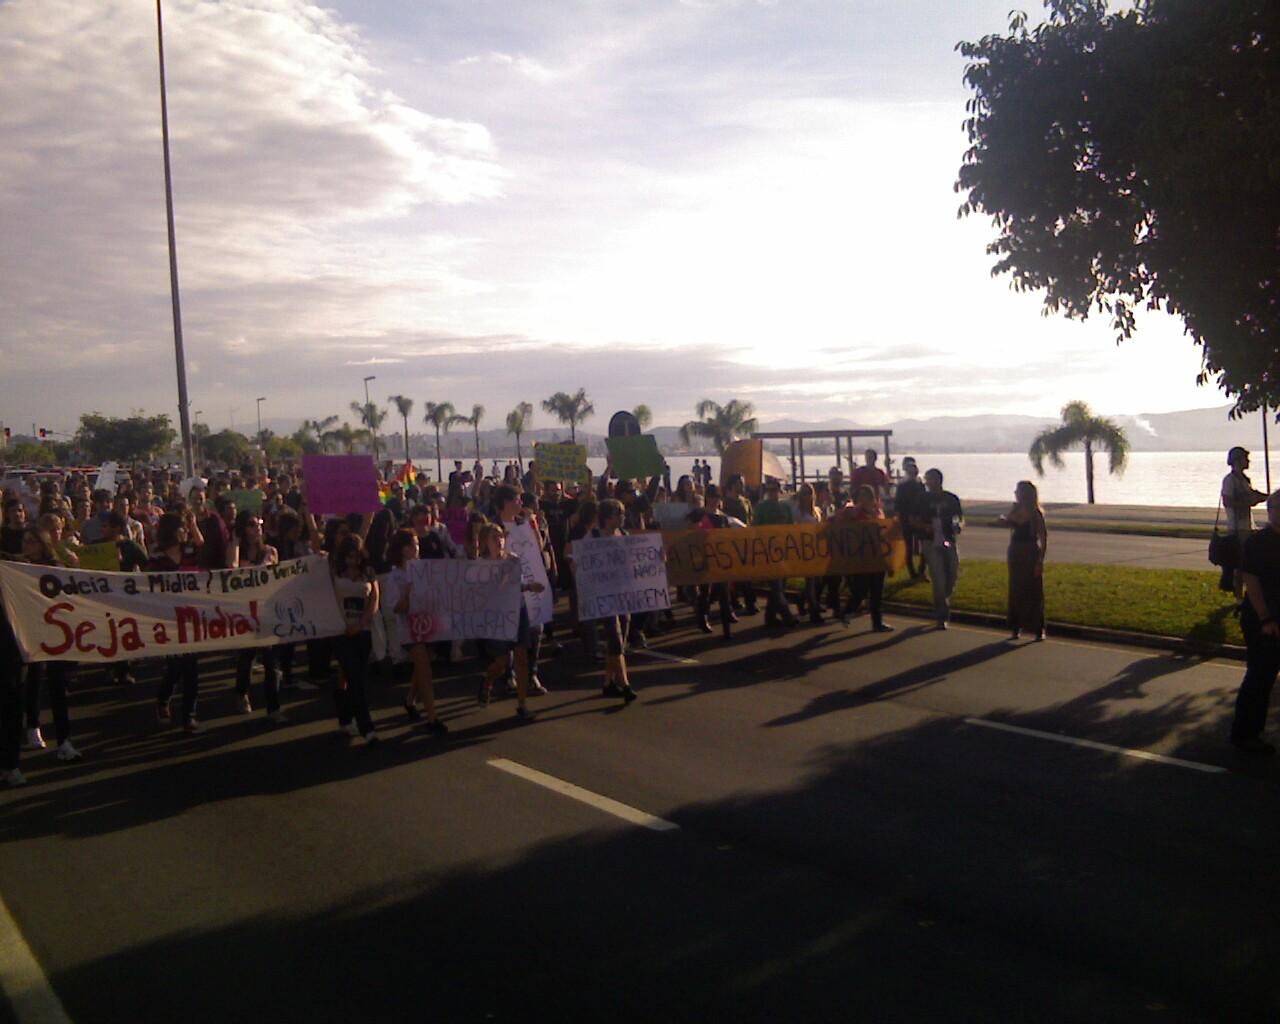 #MarchadaLiberdade em #Floripa no shopping beiramar